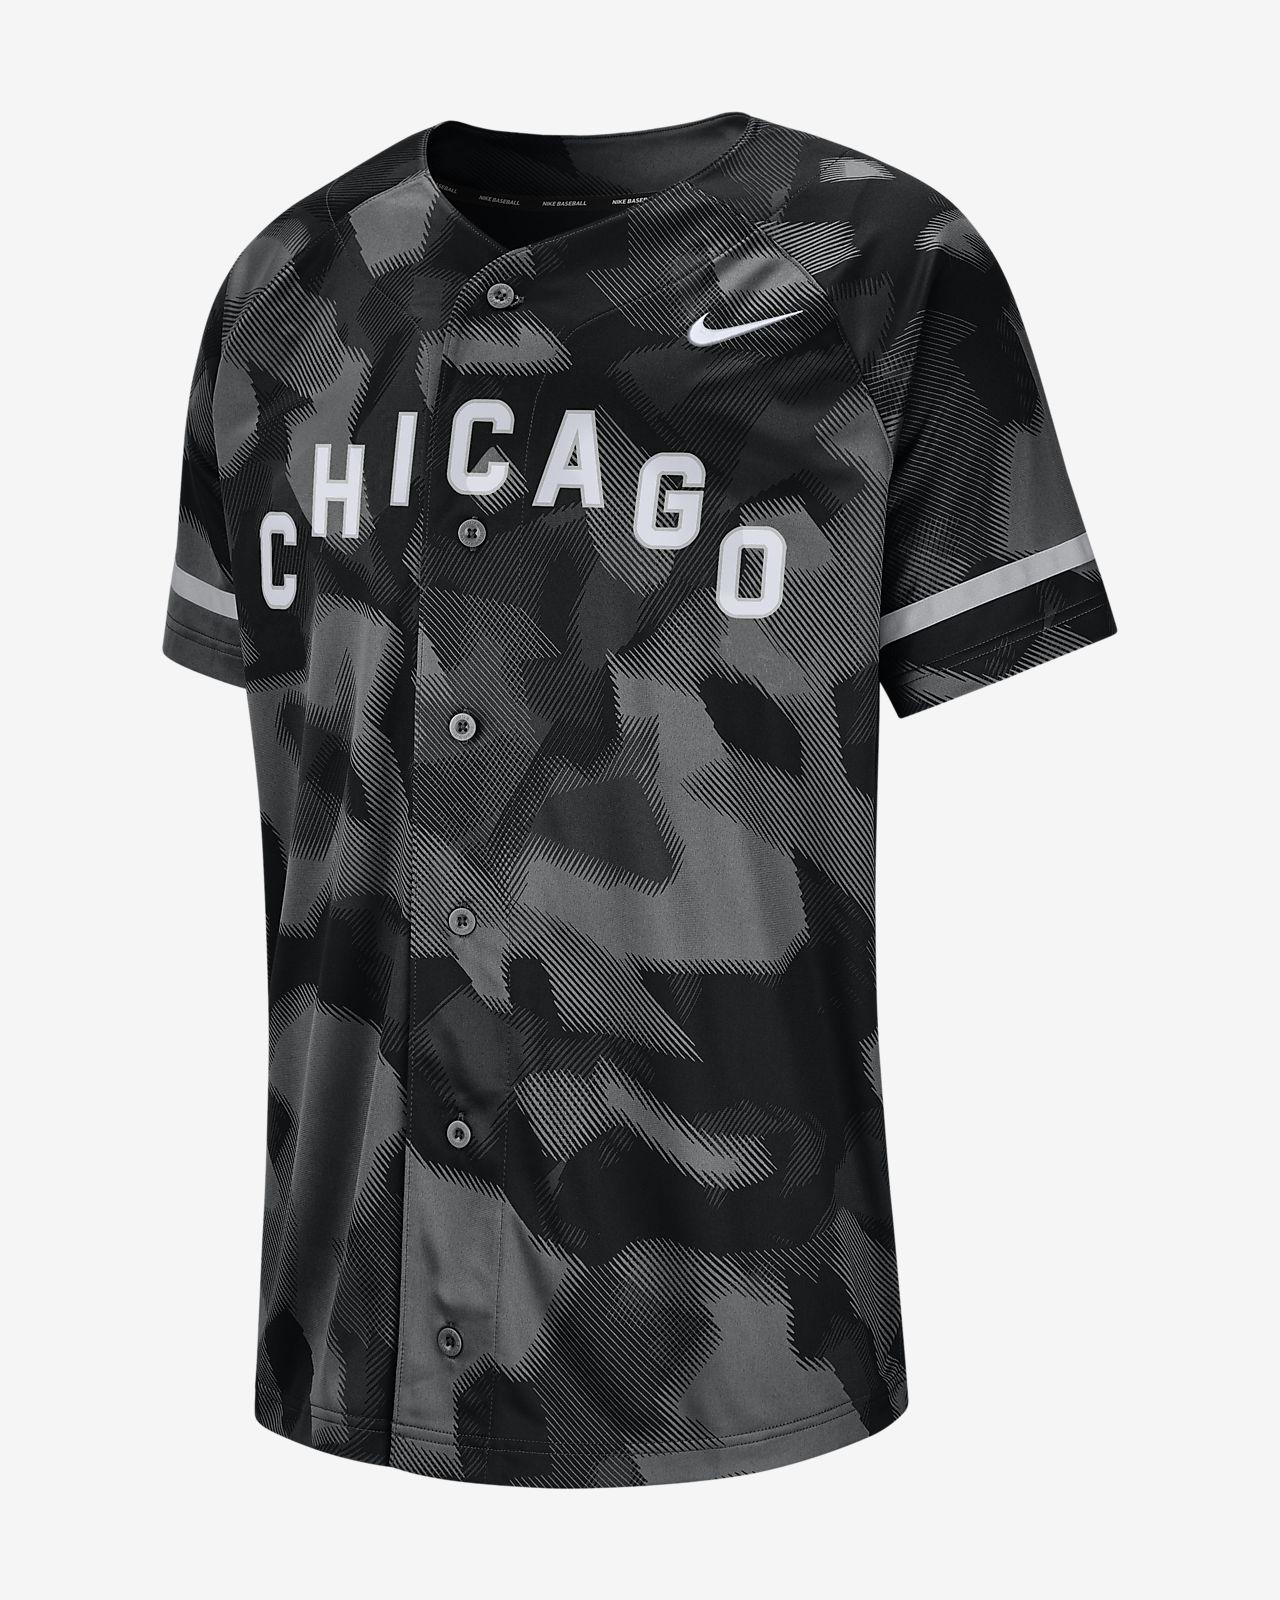 Nike Dri-FIT (MLB White Sox) Men's Baseball Jersey